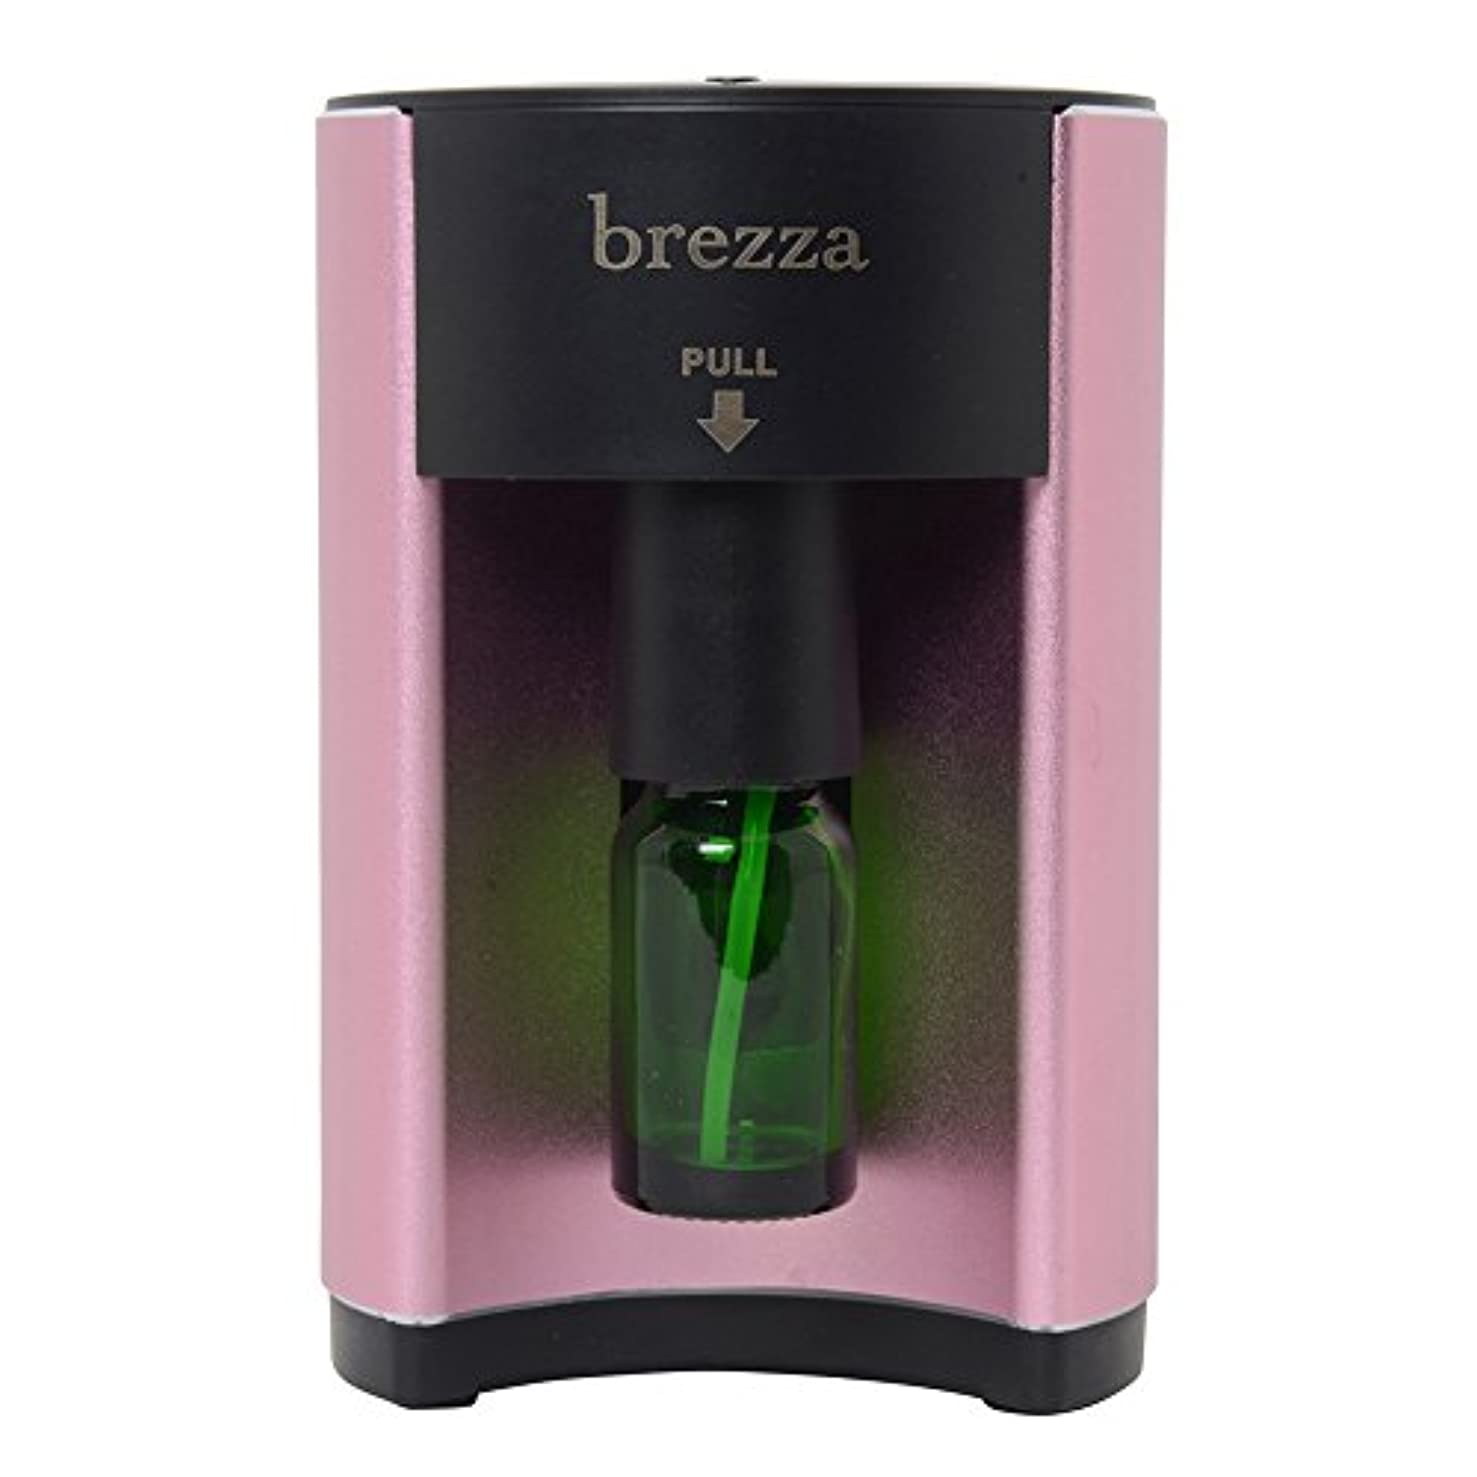 影響力のある温度司書カリス成城 BREZZA ブレッザ ピンク